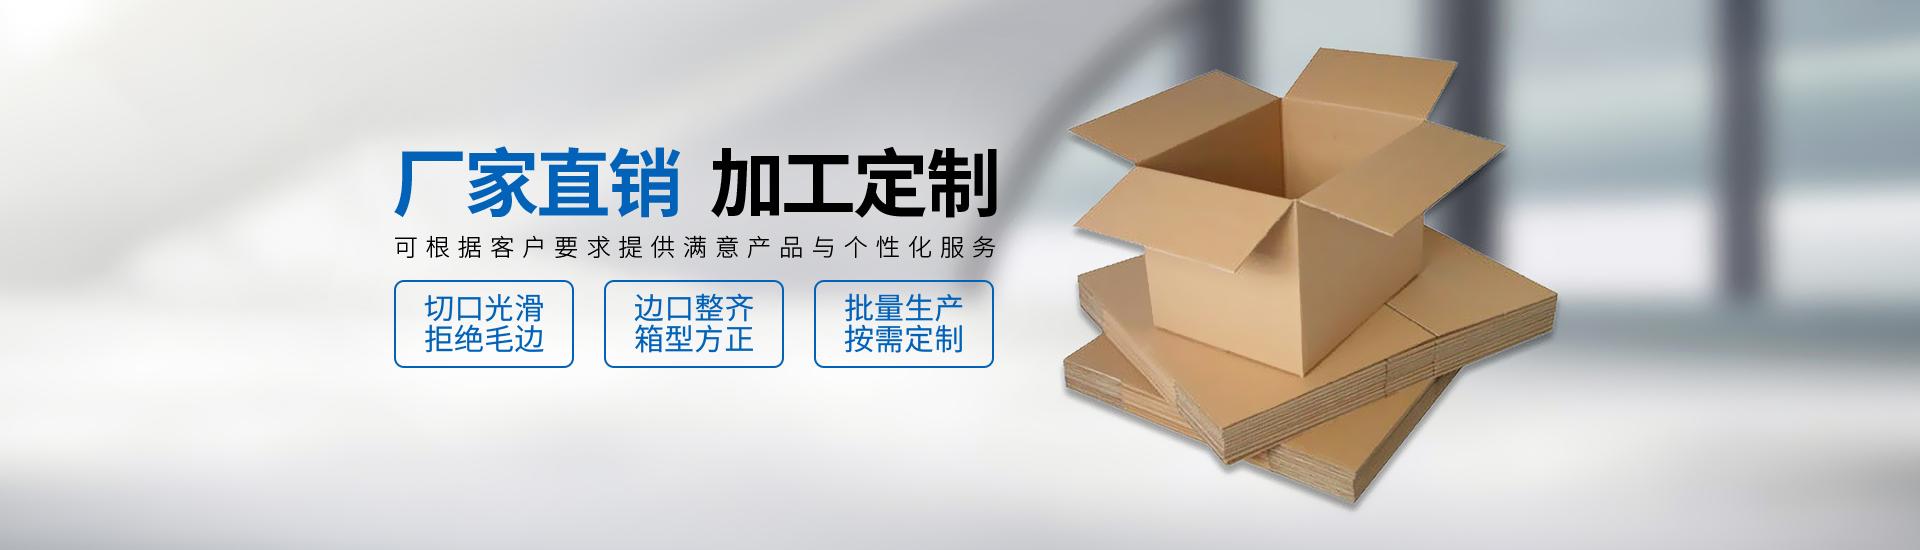 襄阳纸箱包装厂家